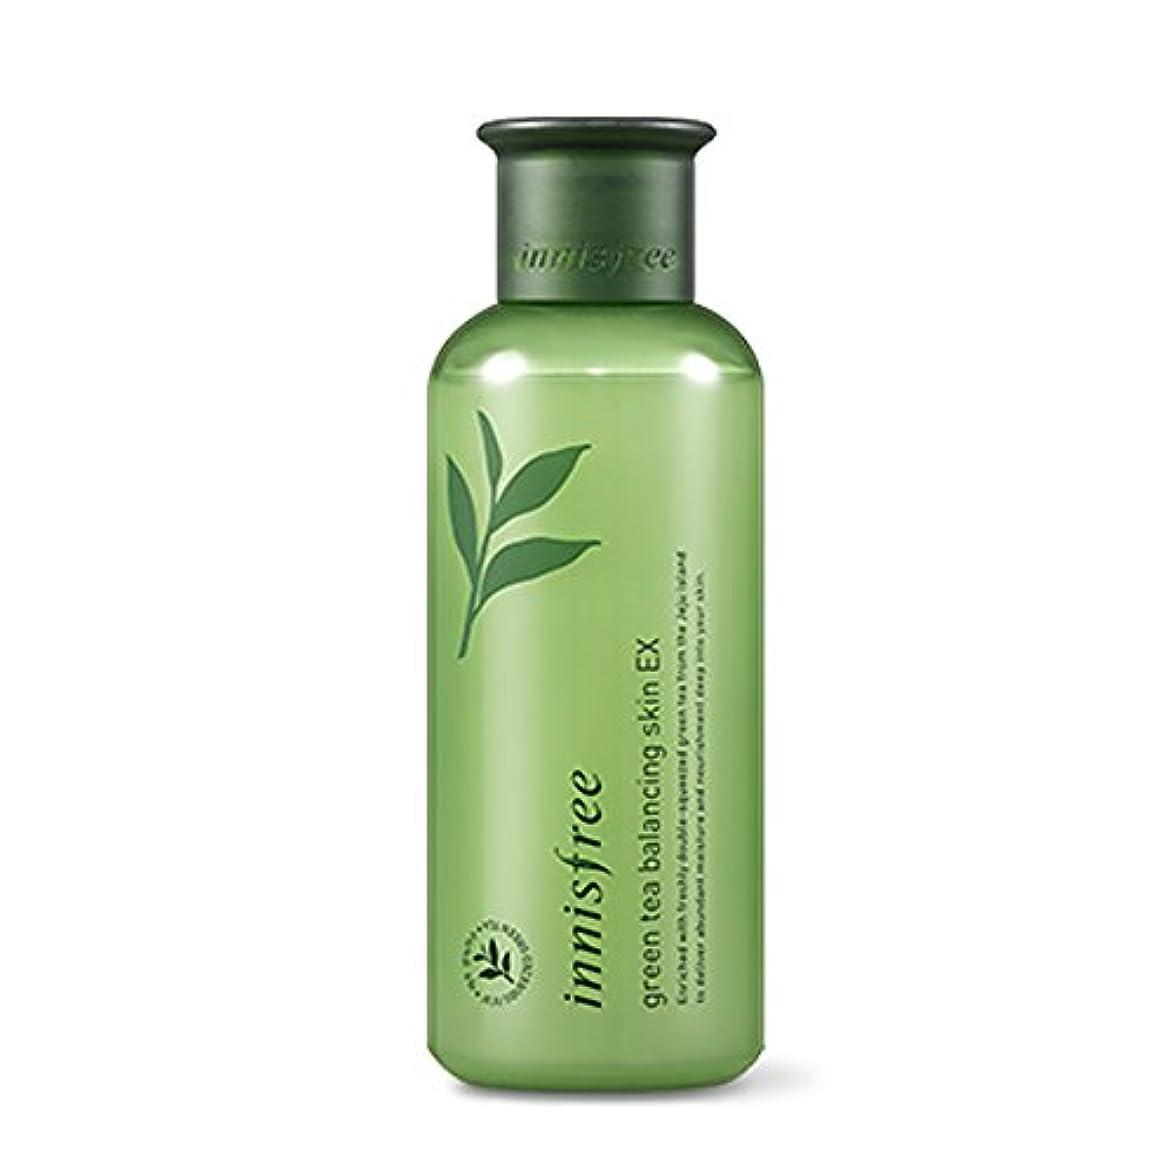 未知のフェローシップトレイイニスフリーグリーンティーバランシングスキン(トナー)200ml Innisfree Green Tea Balancing Skin(Toner) 200ml